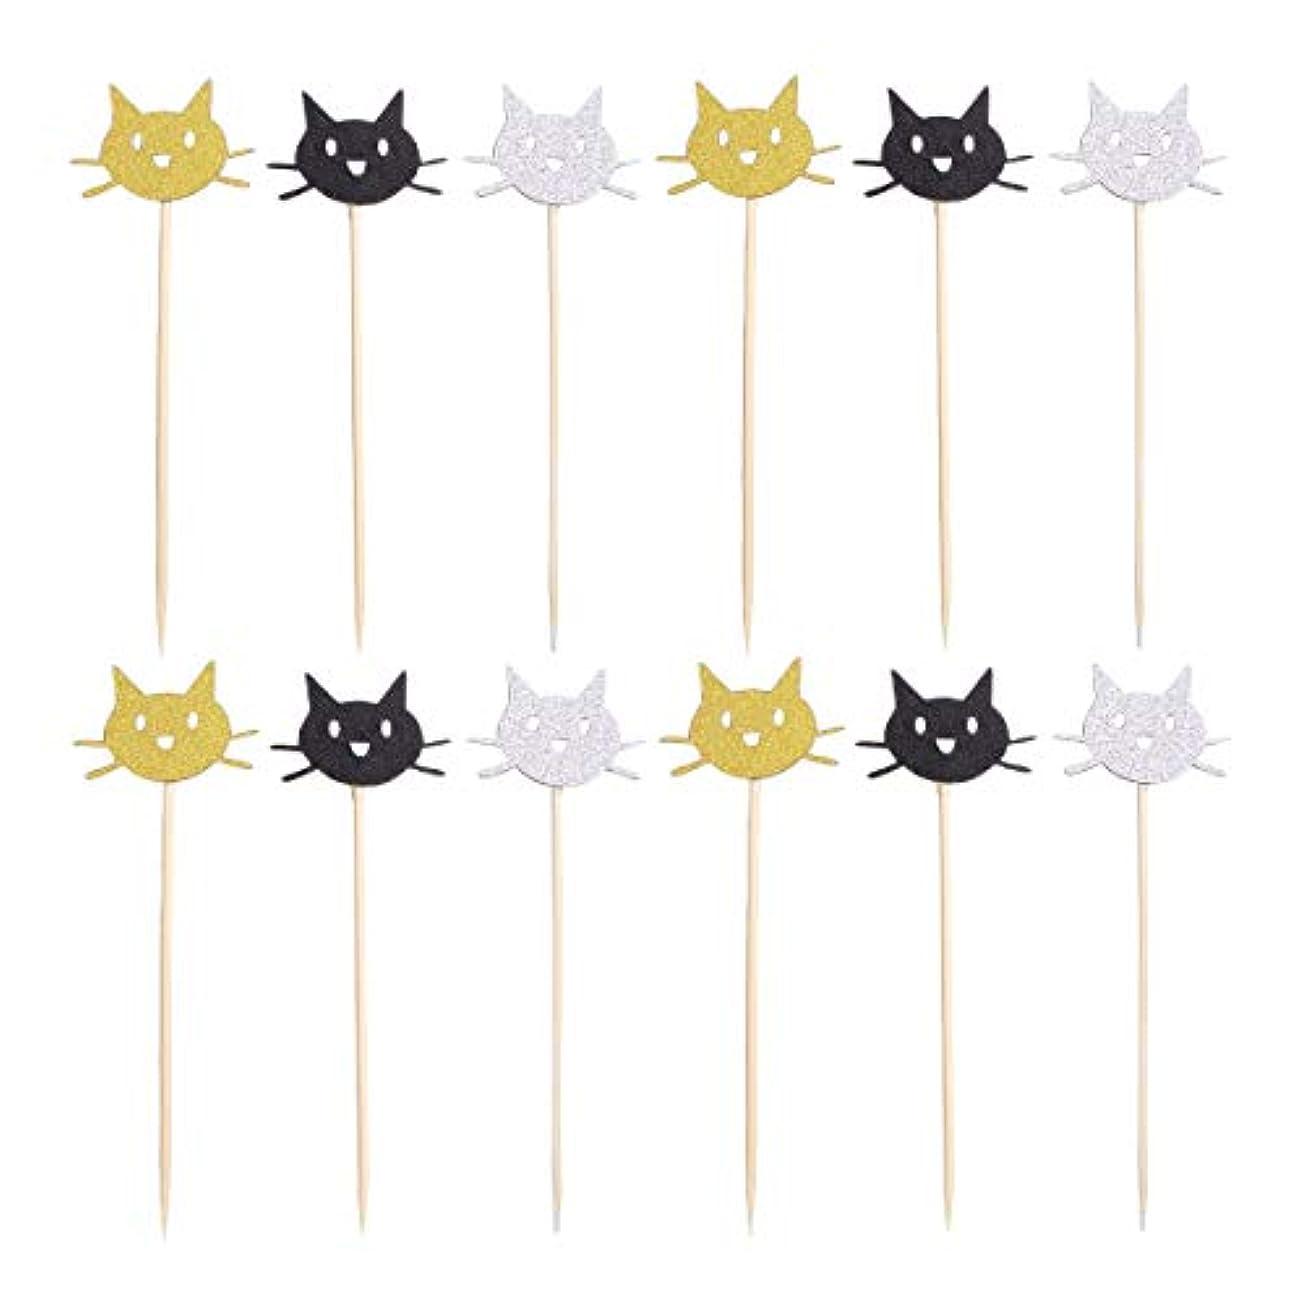 夜ブレンド登場BESTONZON 36ピースかわいい猫ケーキトッパーデザートケーキ挿入誕生日パーティーケーキデコレーションベビーシャワー用品